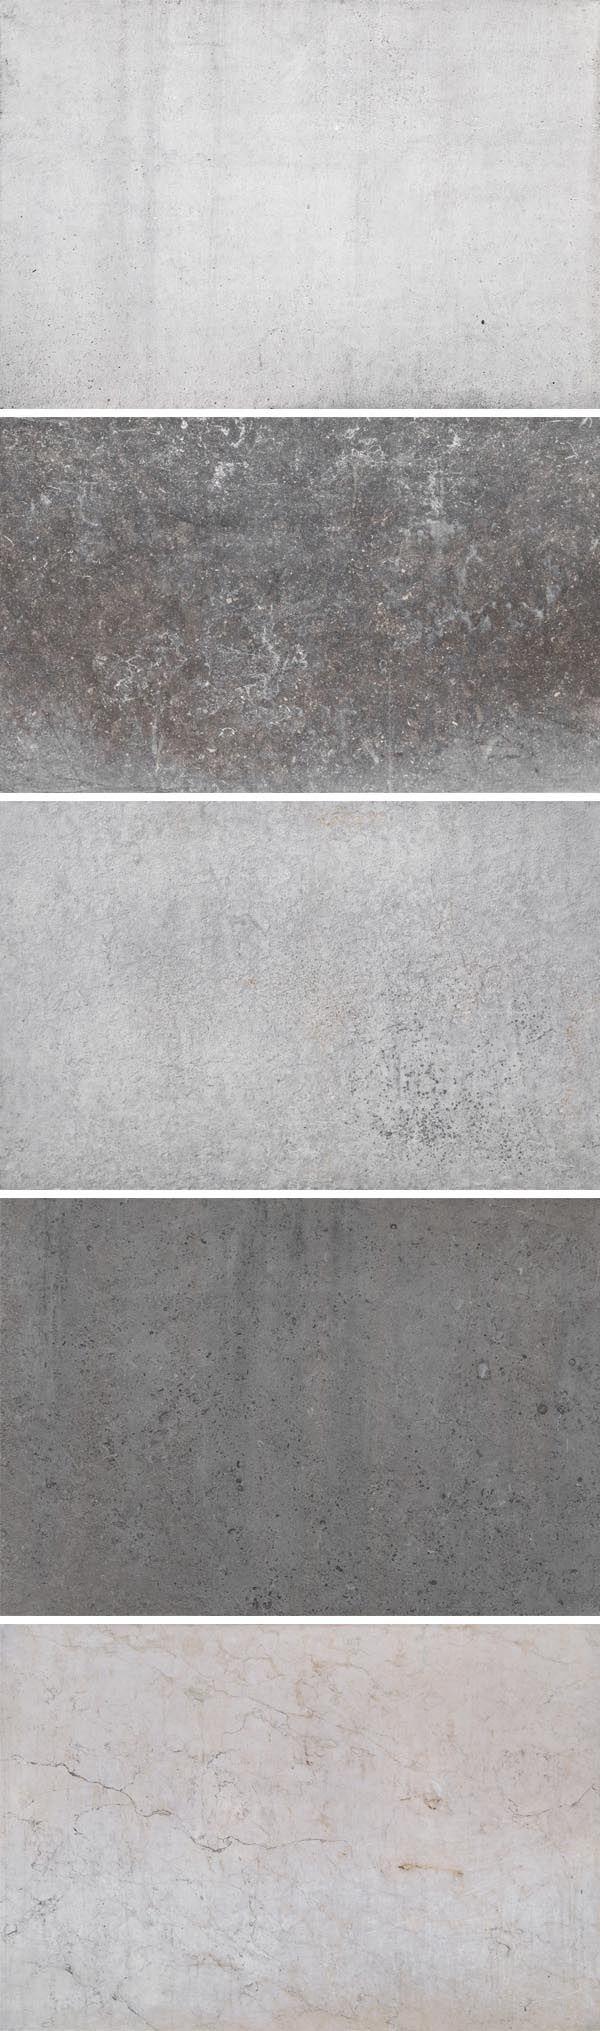 45 Texture Hintergrunde Fur Grafikdesign Fur Grafikdesign Hintergrunde Texture Strukturierte Wande Textur Texturen Muster